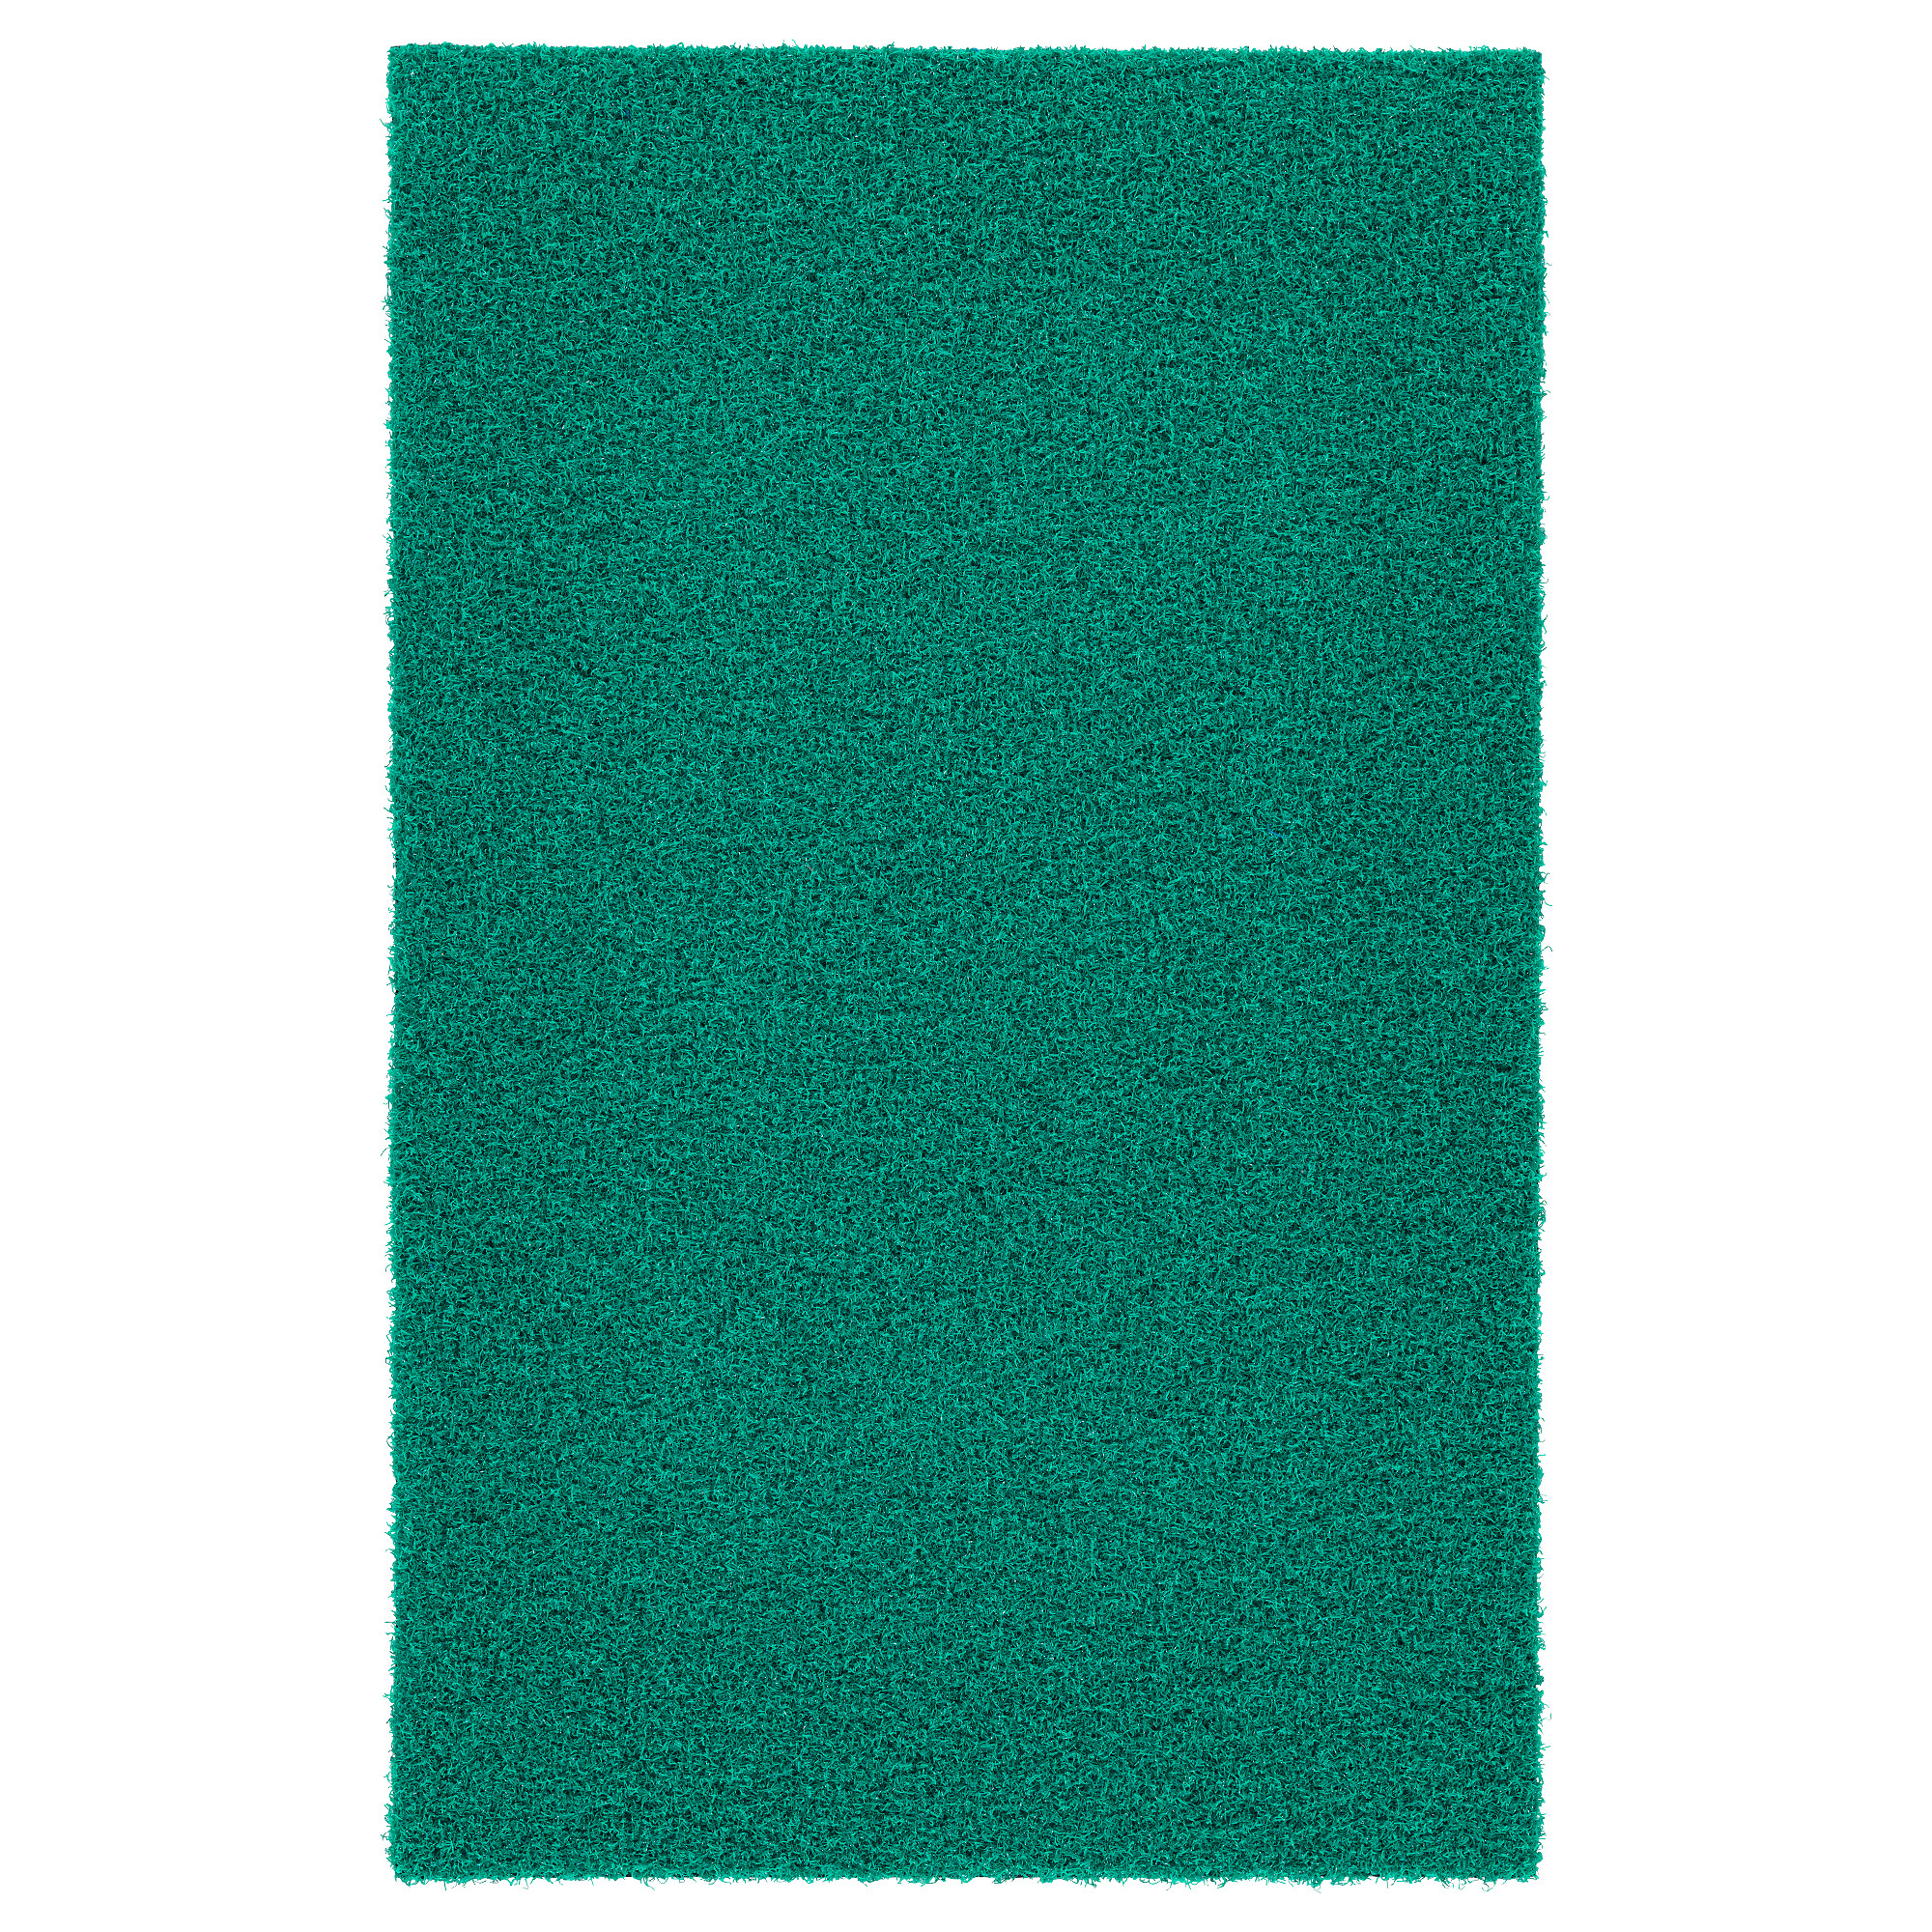 Придверный коврик ОПЛЕВ зеленый артикуль № 903.417.64 в наличии. Online сайт ИКЕА РБ. Недорогая доставка и установка.